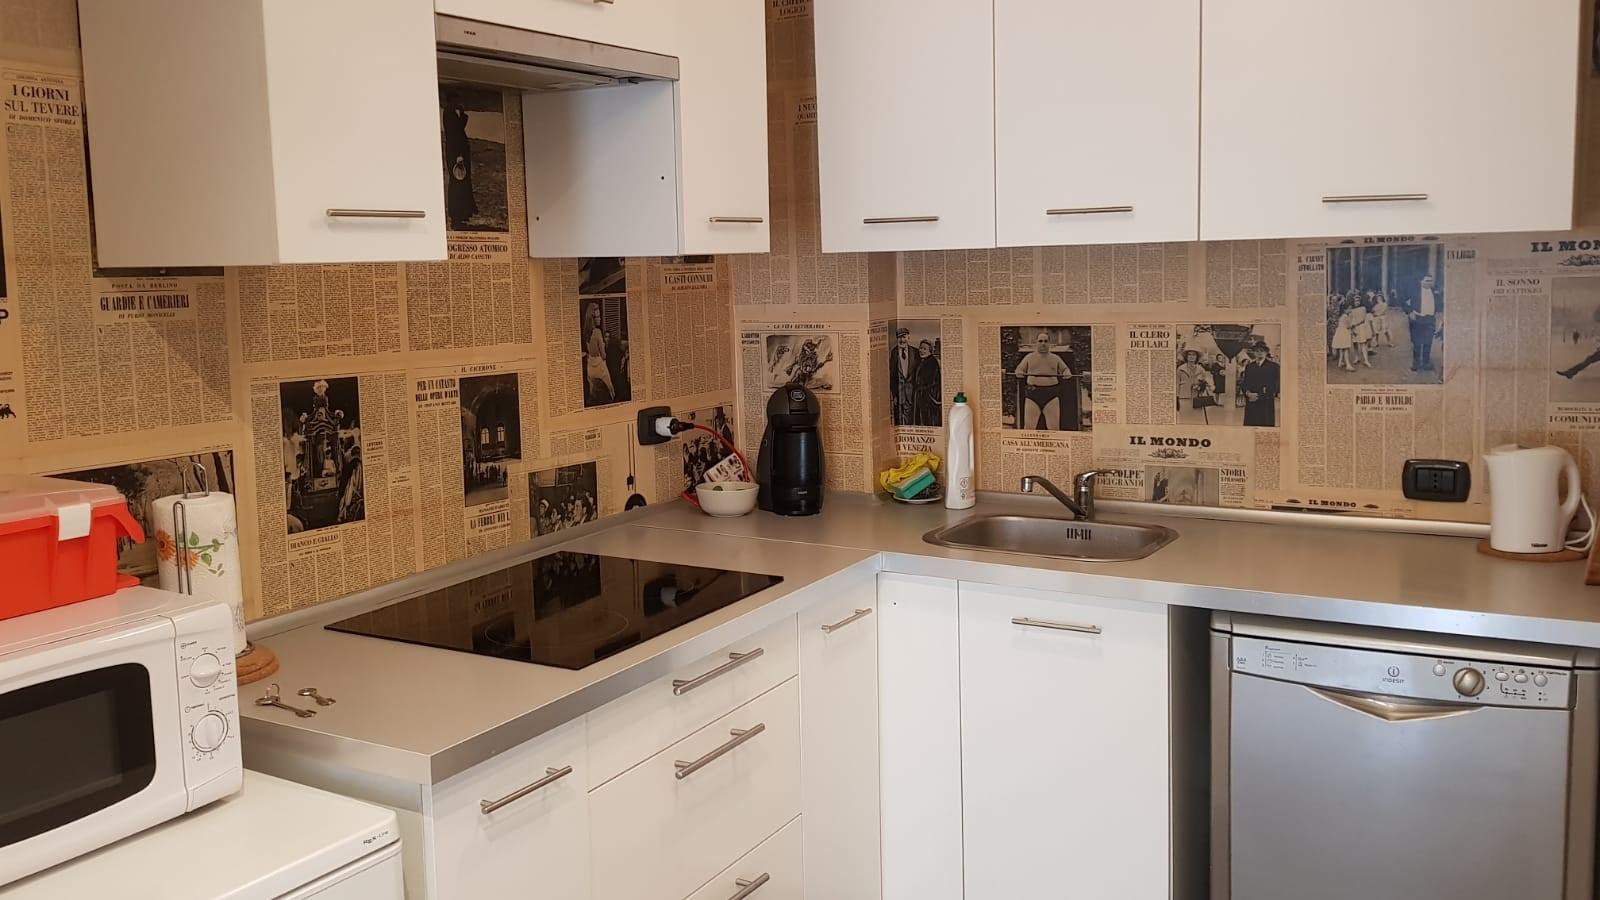 Cbi047 201 520044 appartamento in vendita a roma for Affitto uffici roma piramide